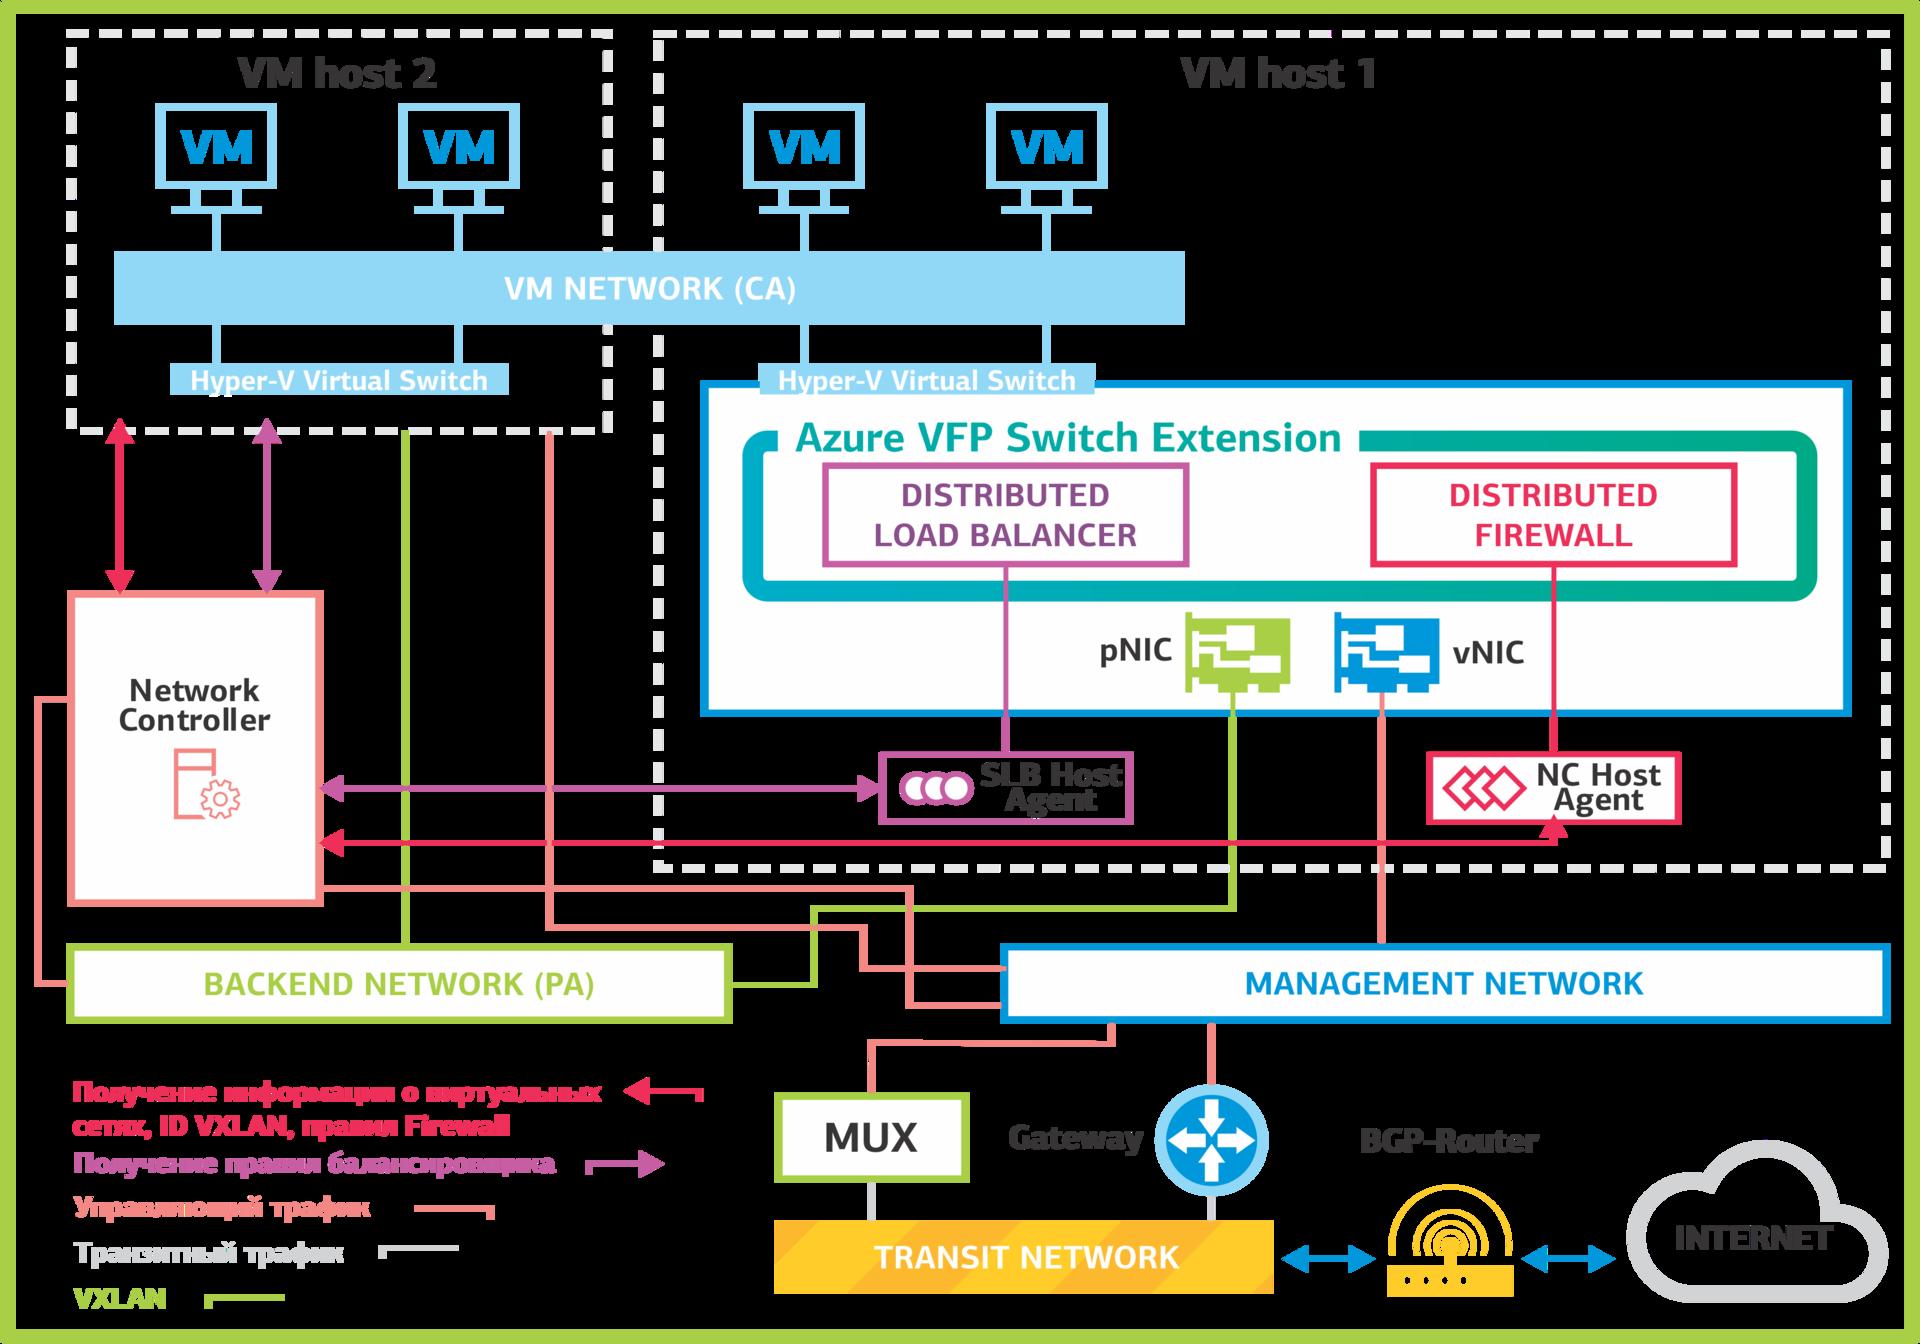 Network Controller: программно-определяемые сети в Windows Server 2016. Часть 1: возможности и службы - 2